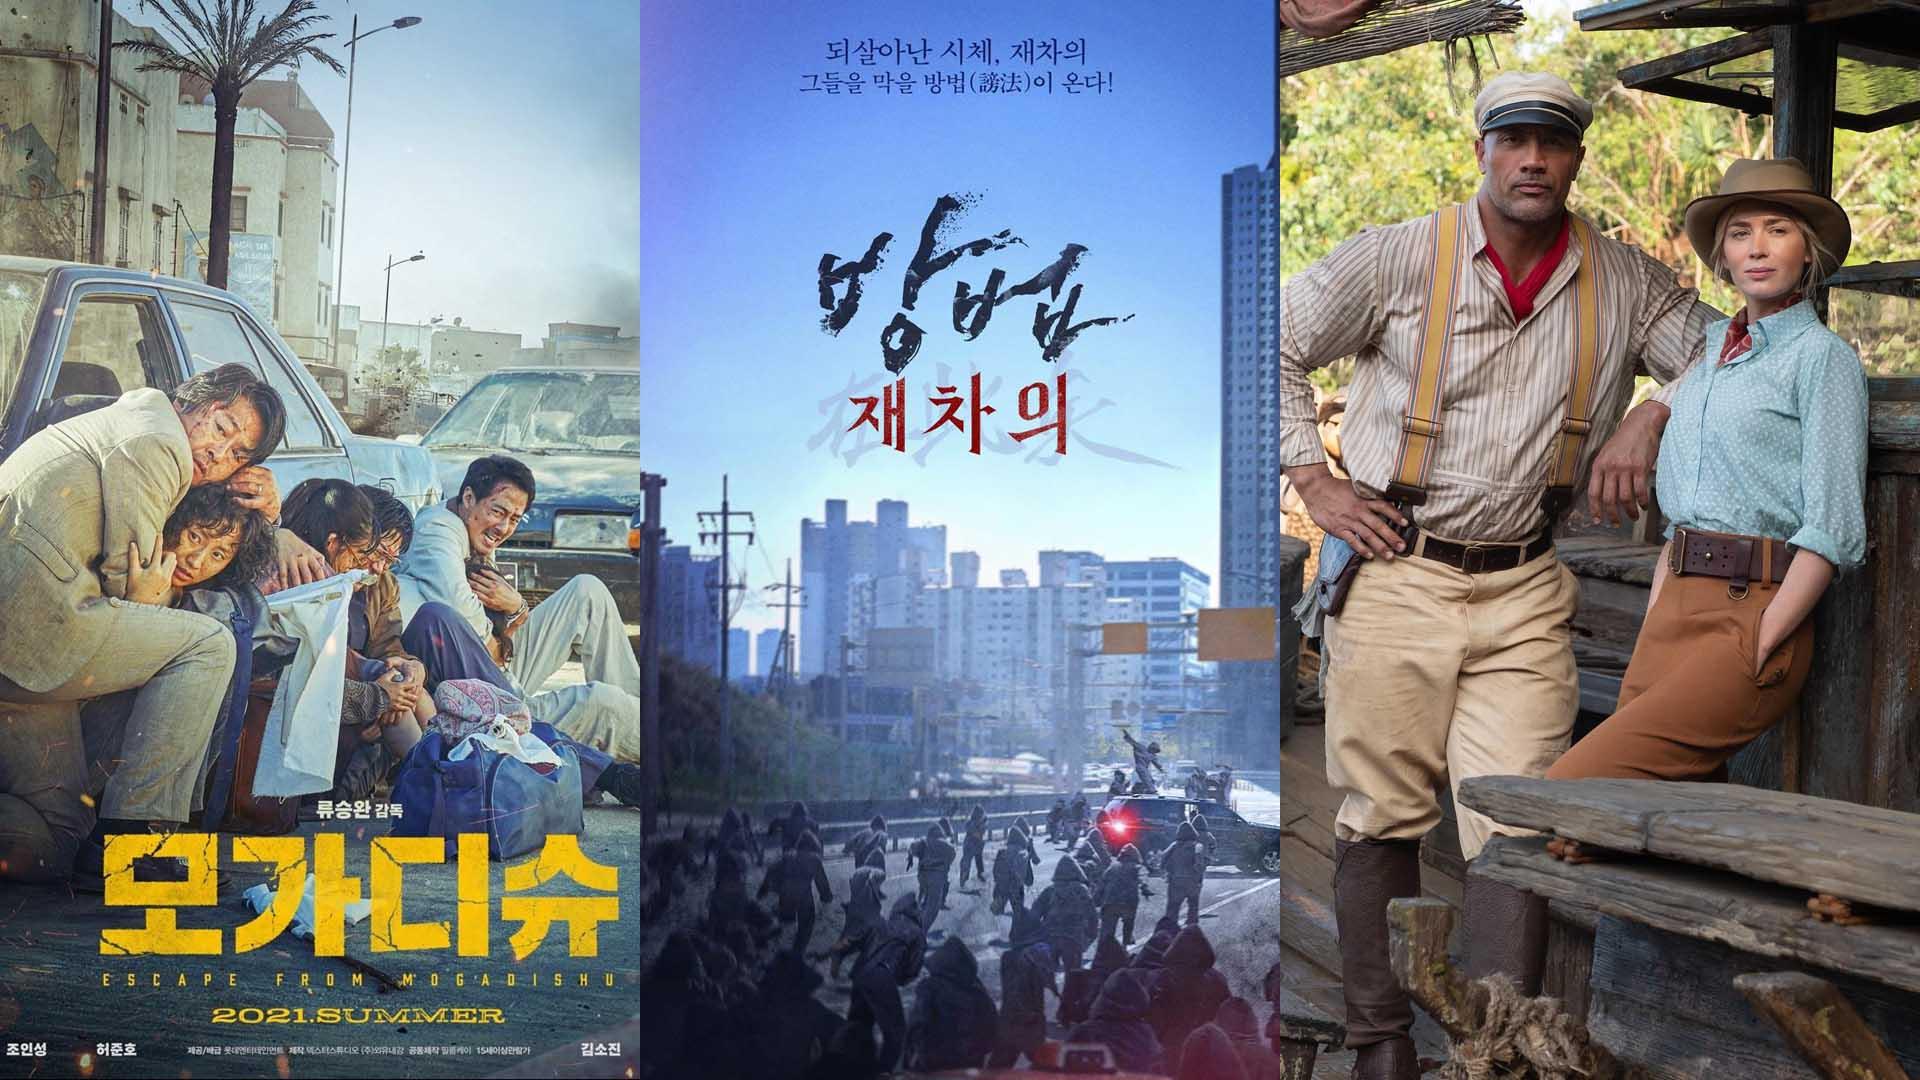 '7말8초' 성수기, 무더위 녹일 액션 대작 등판